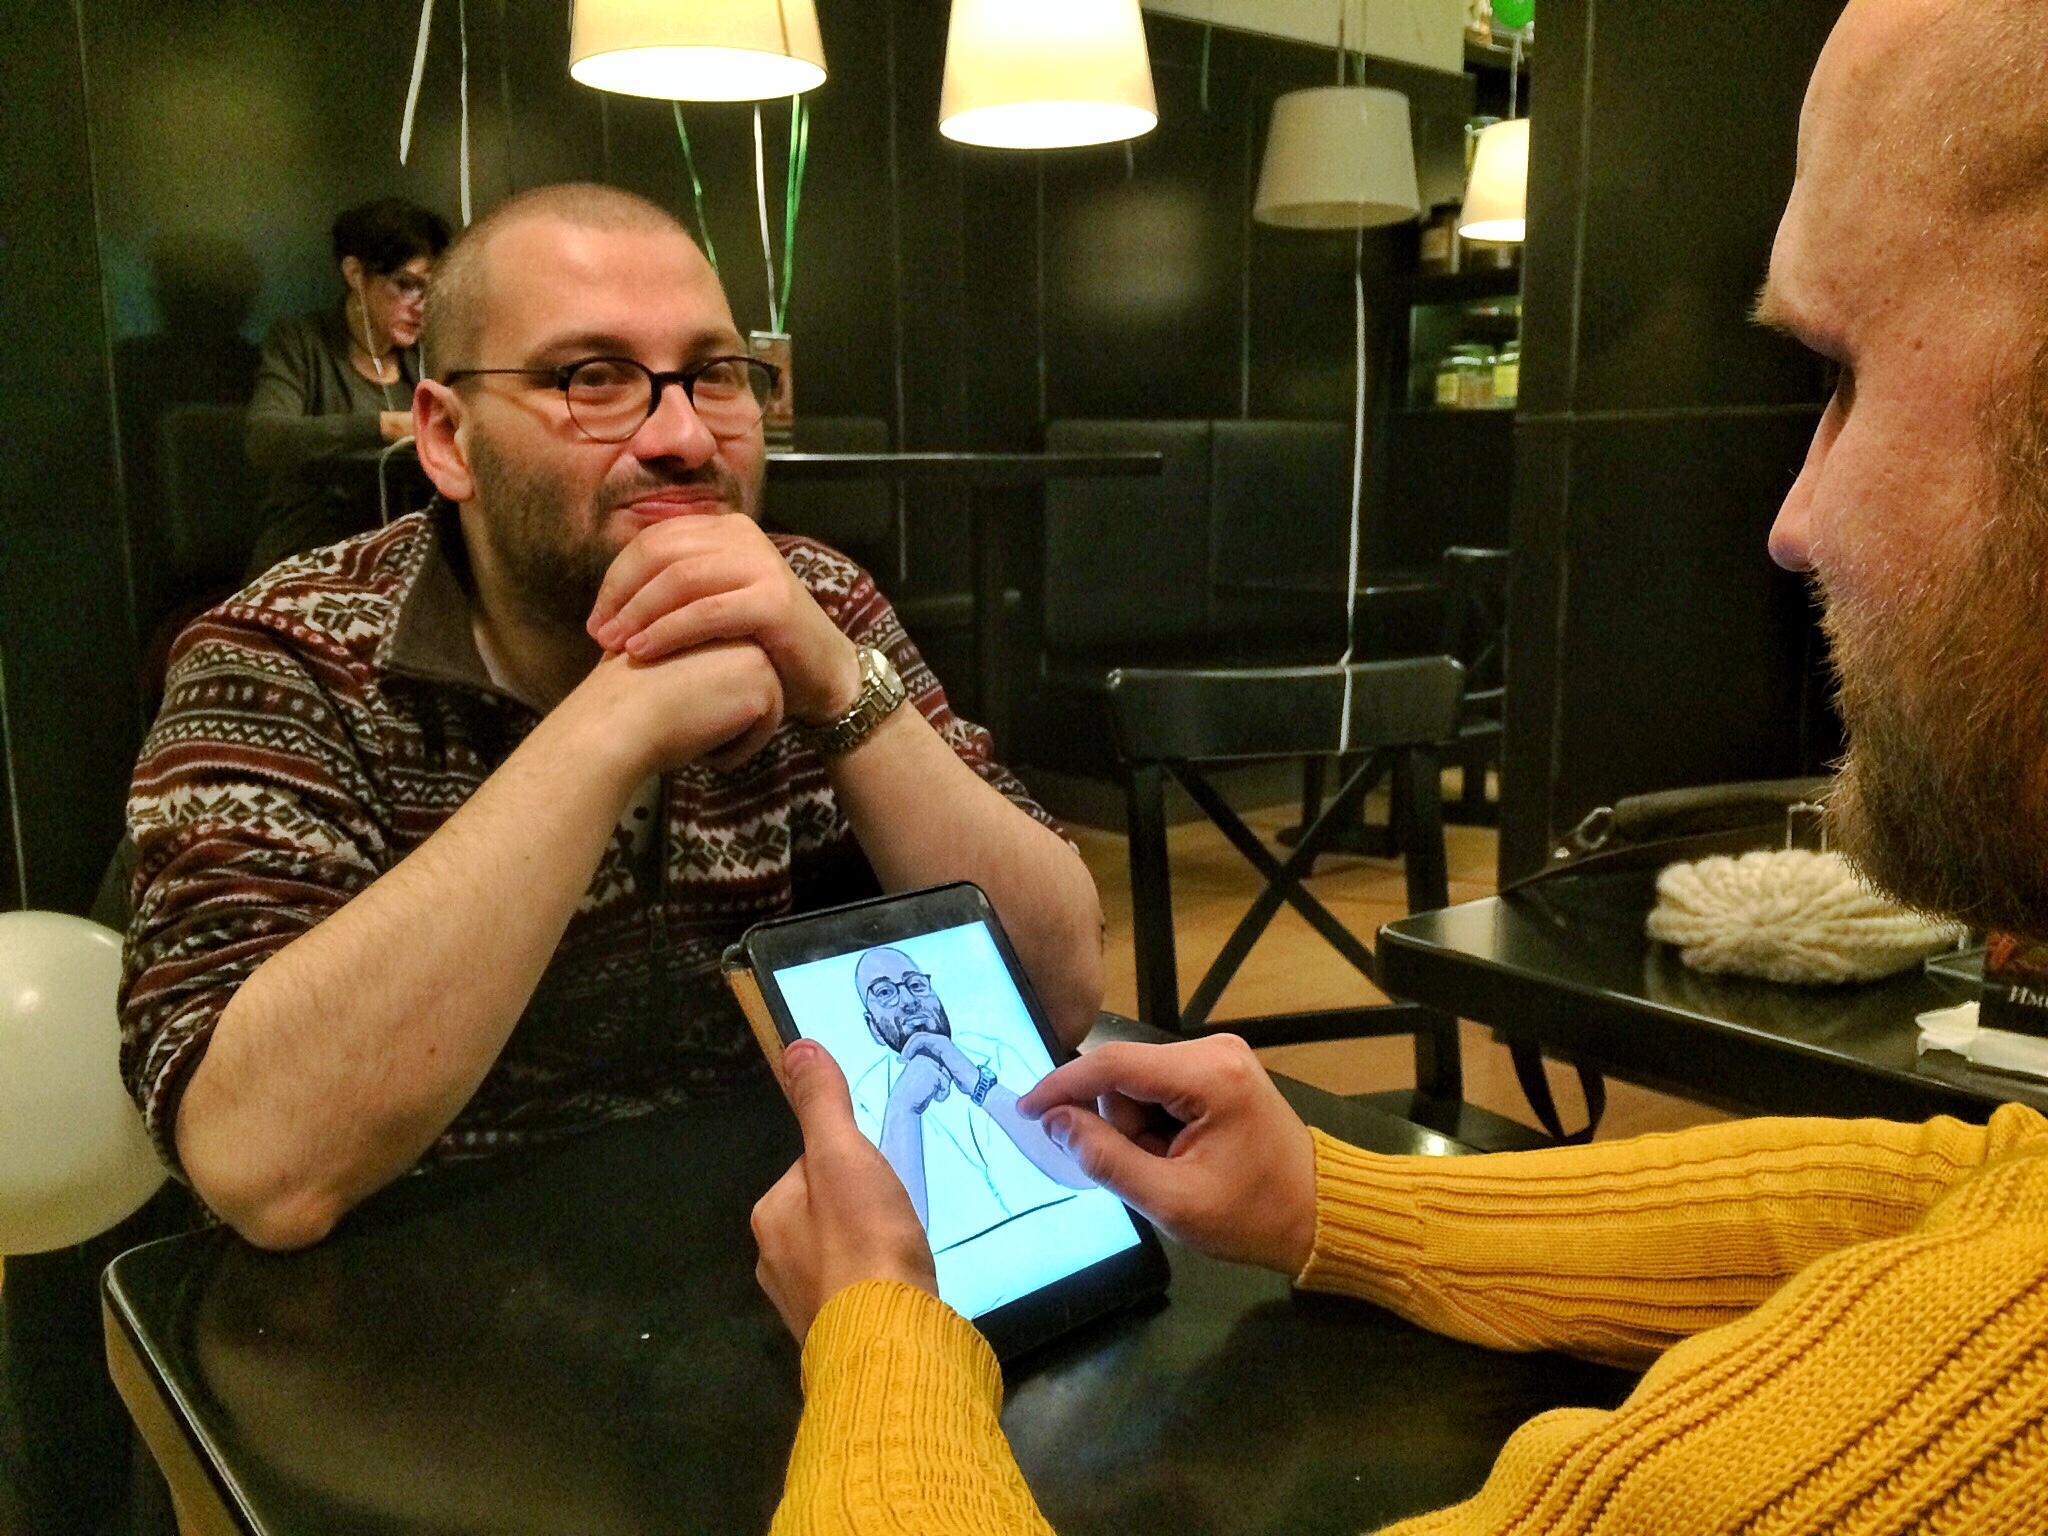 Digital портрет Михаила Либкина